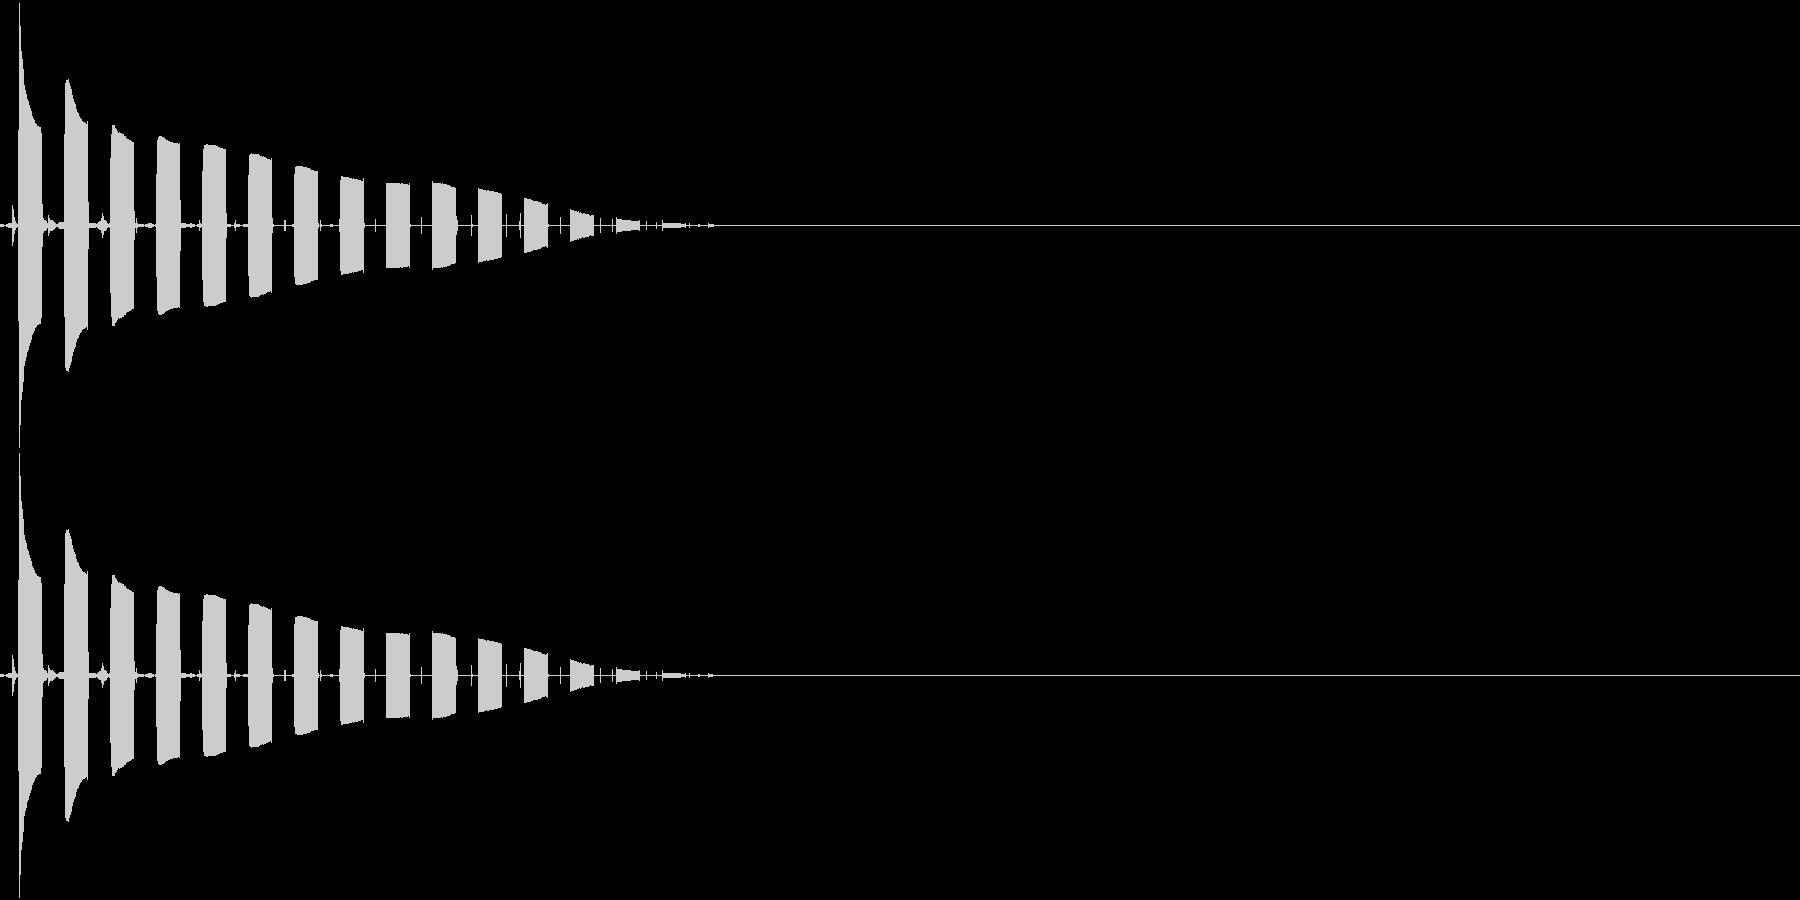 メーター上昇/ステータスアップ/増えるの未再生の波形